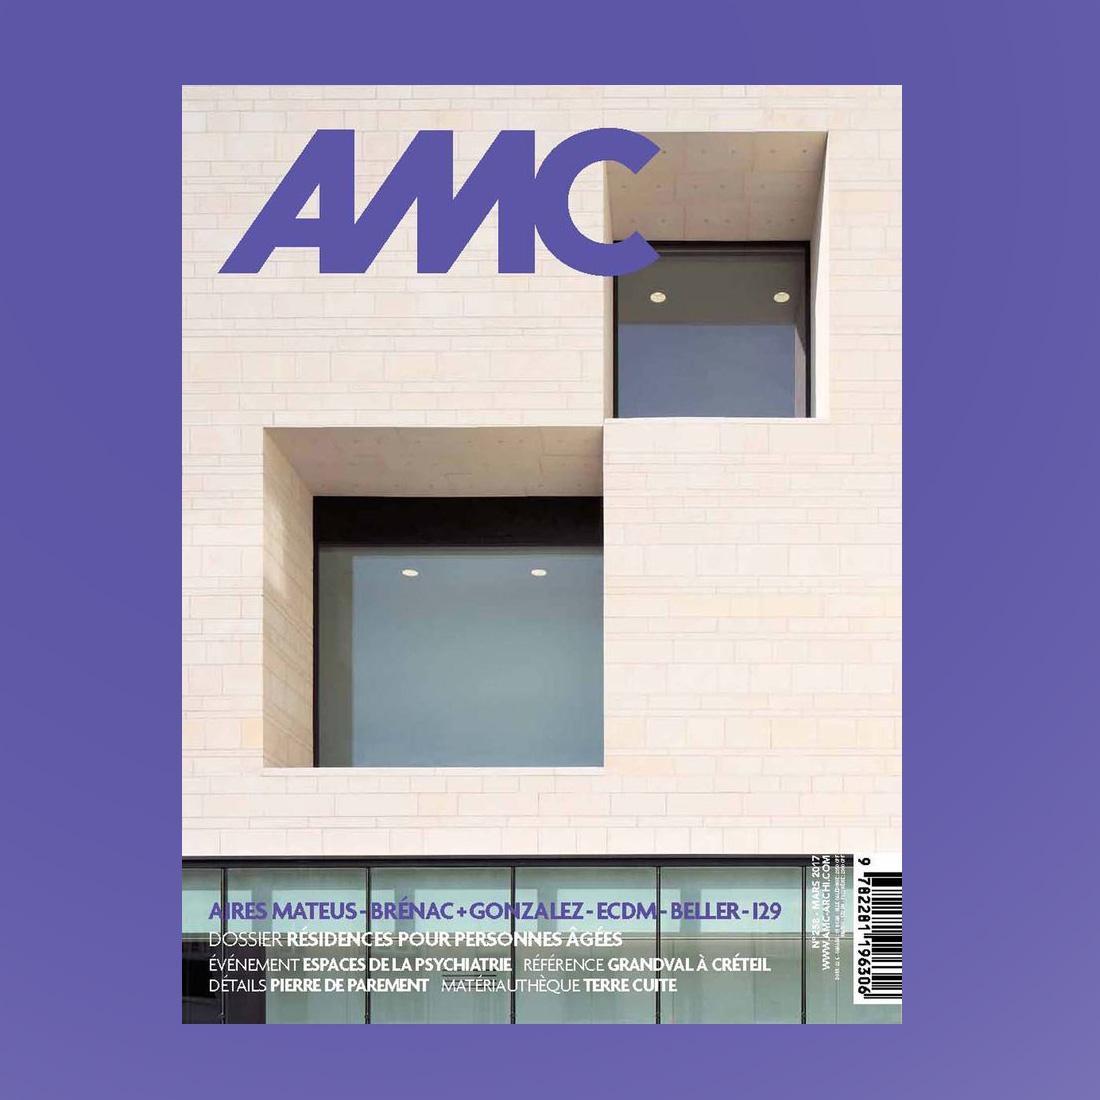 RPA YERSIN dans le dernier numéro d'AMC | Brenac & Gonzalez et Associés